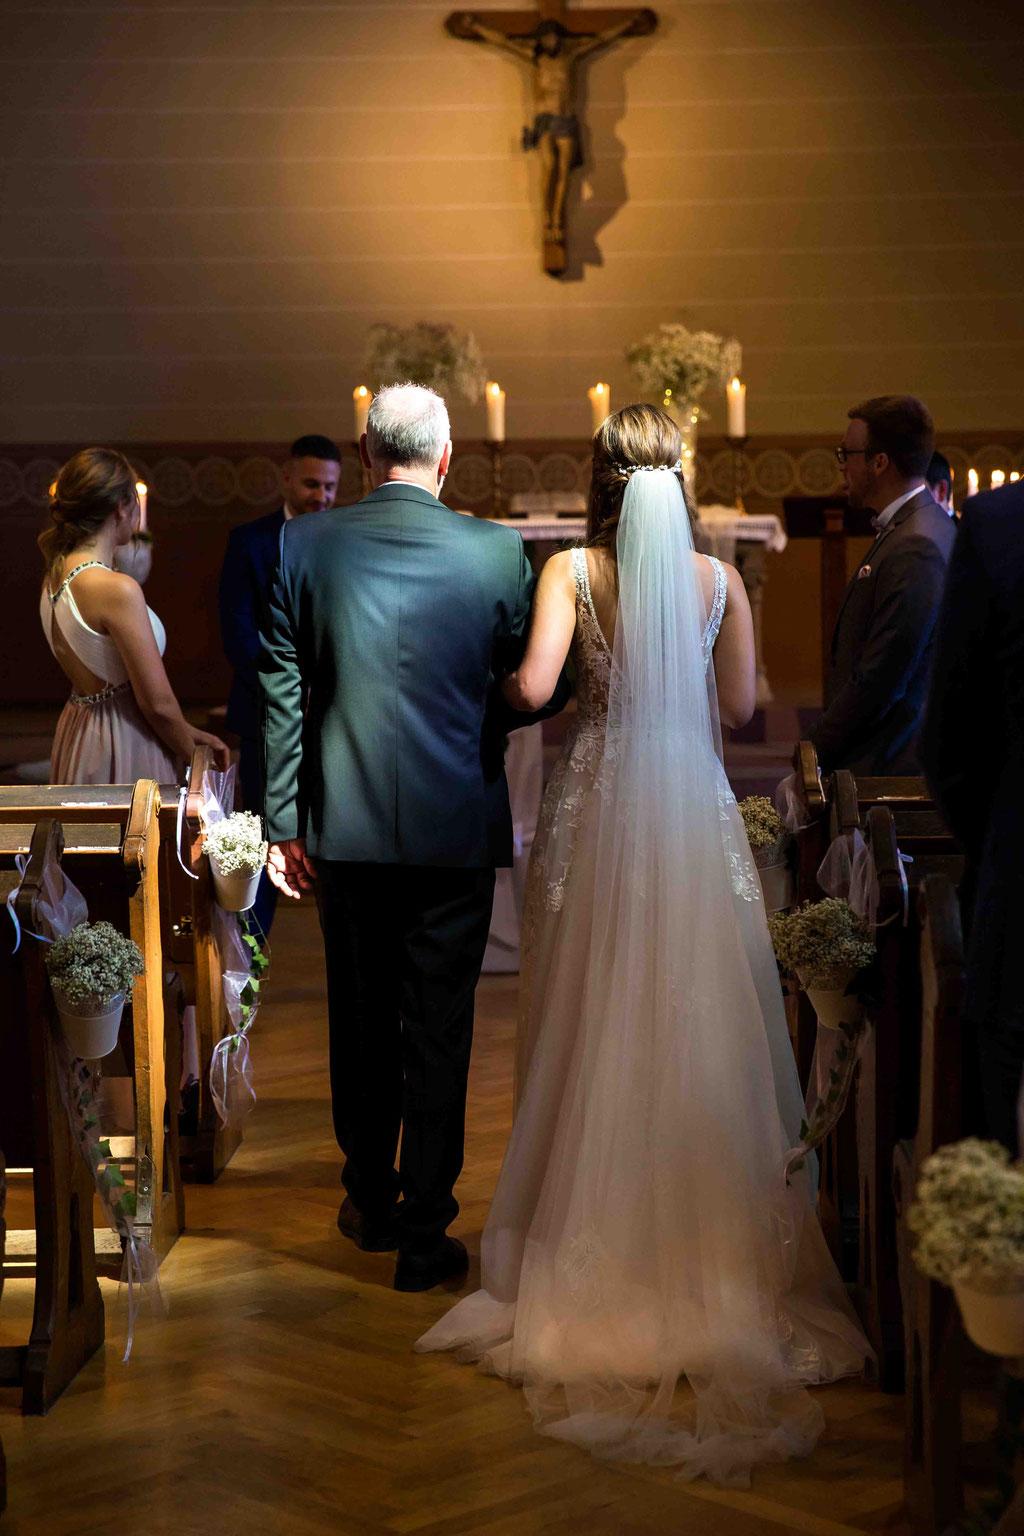 Hochzeit: Weststadtbar Darmstadt, Mainzer Straße 106, 64293 Darmstadt - Hochzeitsfotograf, Lichtschein auf die Braut in der Kirche, Besondere Hochzeitsbilder vom Hochzeitsfotograf / Hochzeitsfotografin